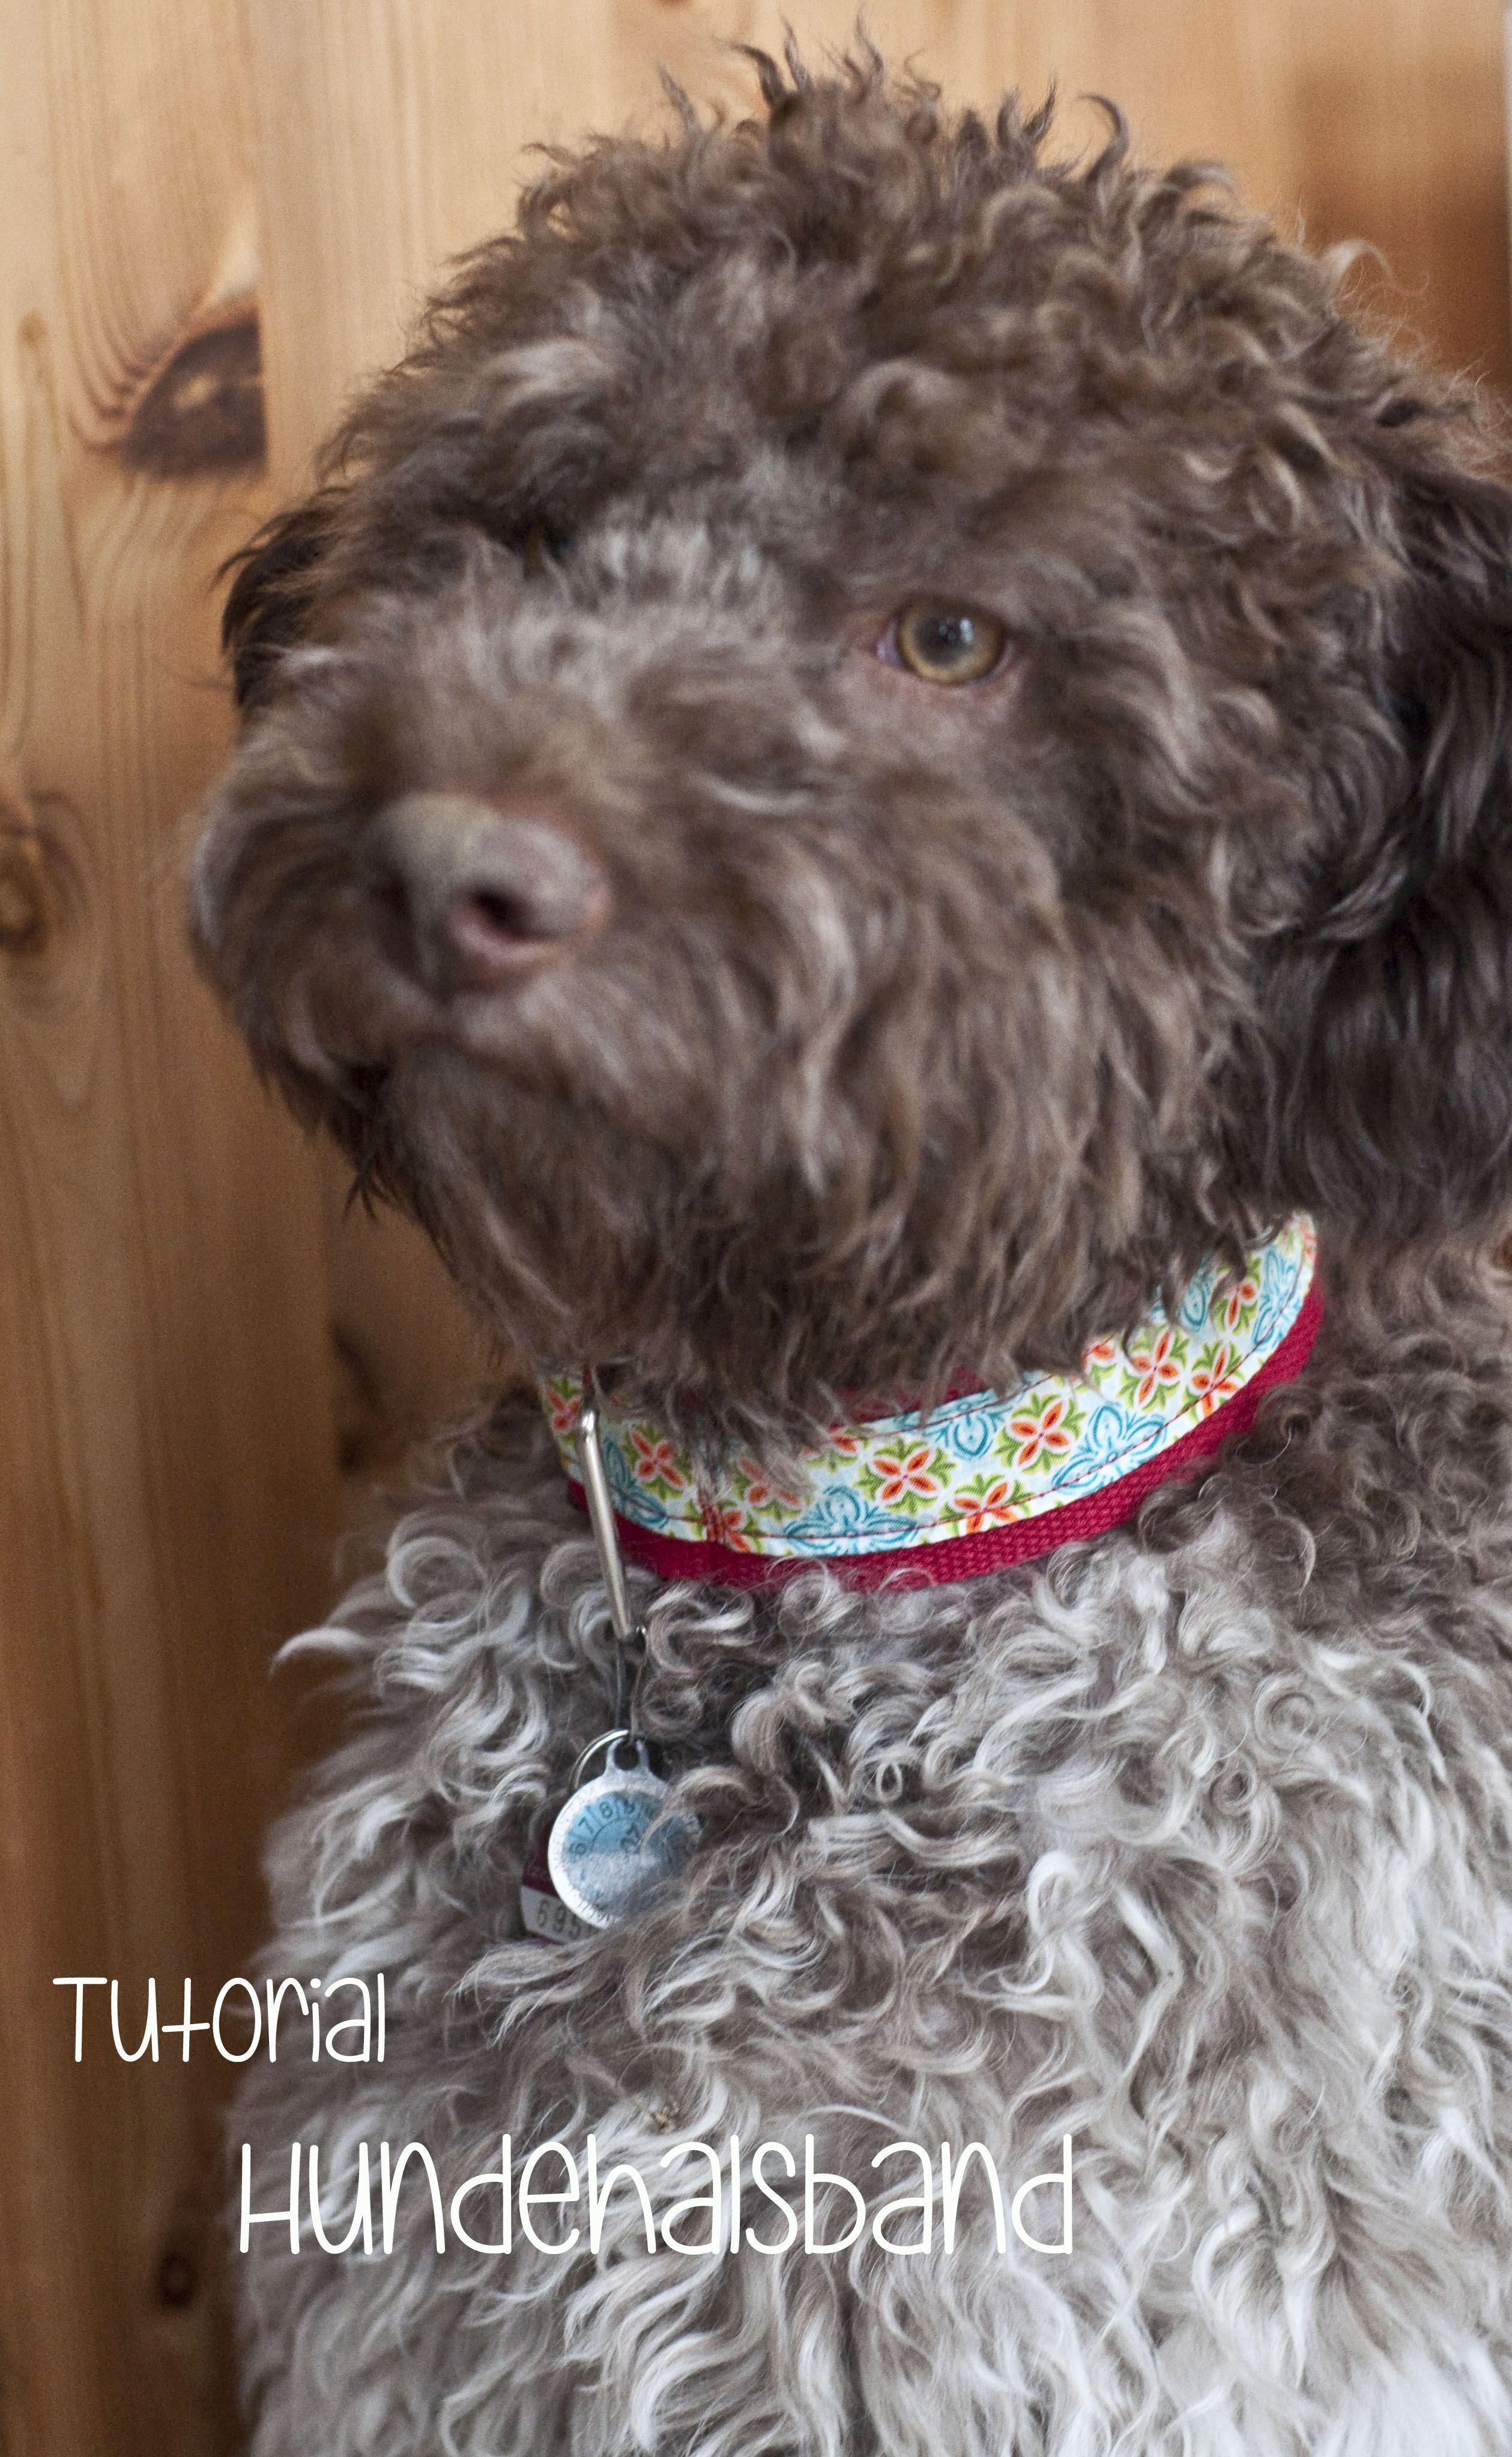 Es Ist Online Mein Allererstes Tutorial Maronas Tutorial Hundehalsband Selbst Genaht Anfangertauglich Hunde Hundehalsband Hund Diy